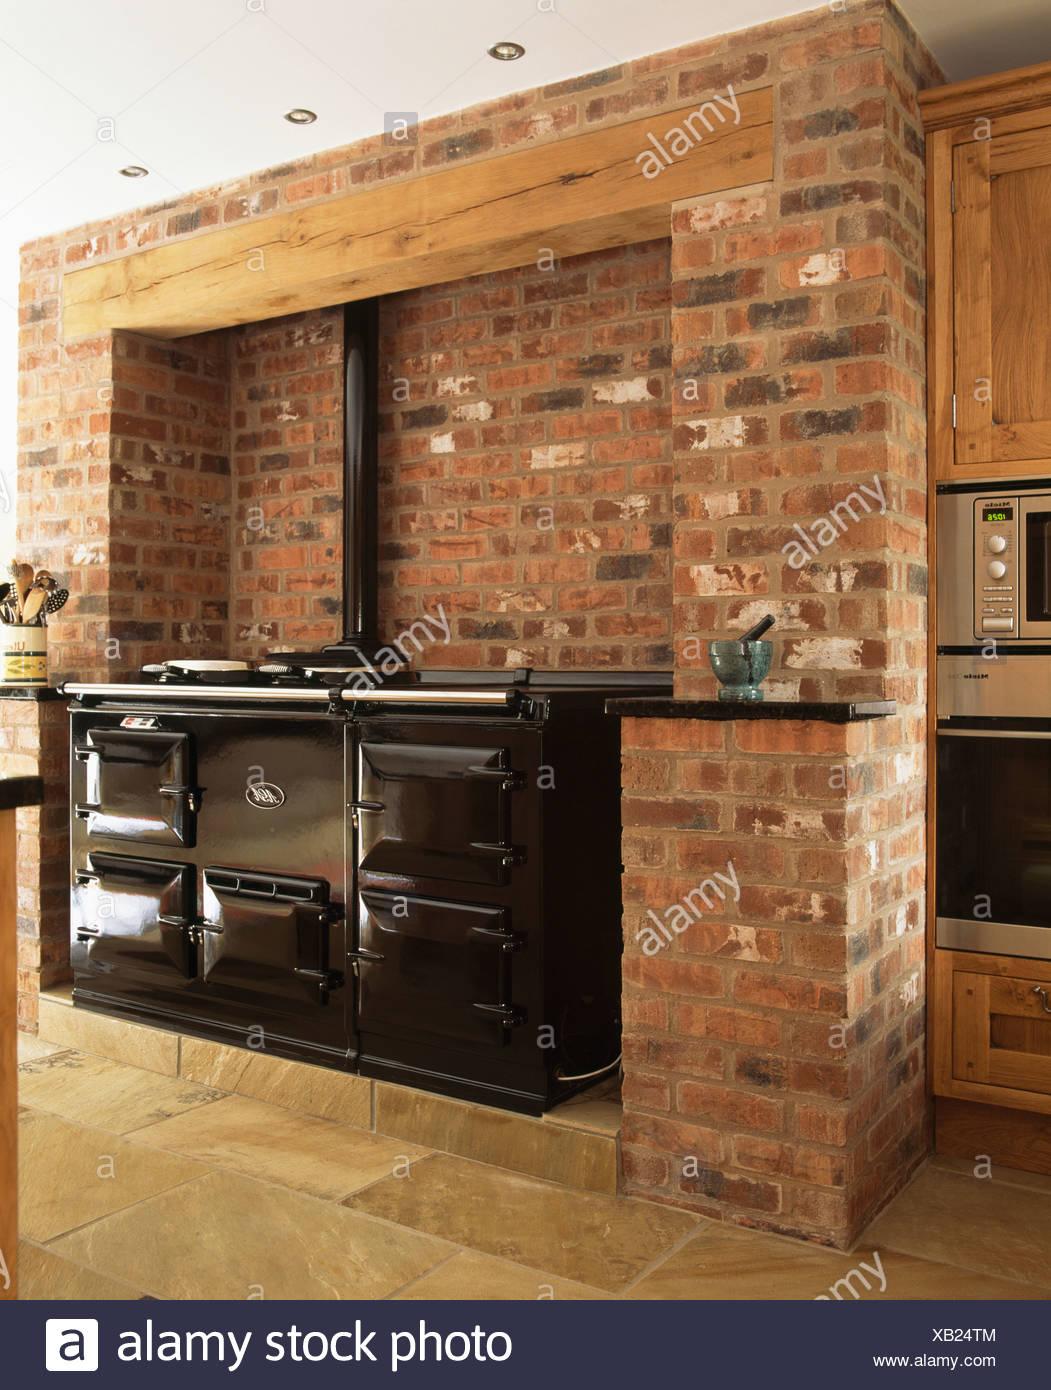 Nero doppio Aga forno in mattoni a vista parete in cucina di ...